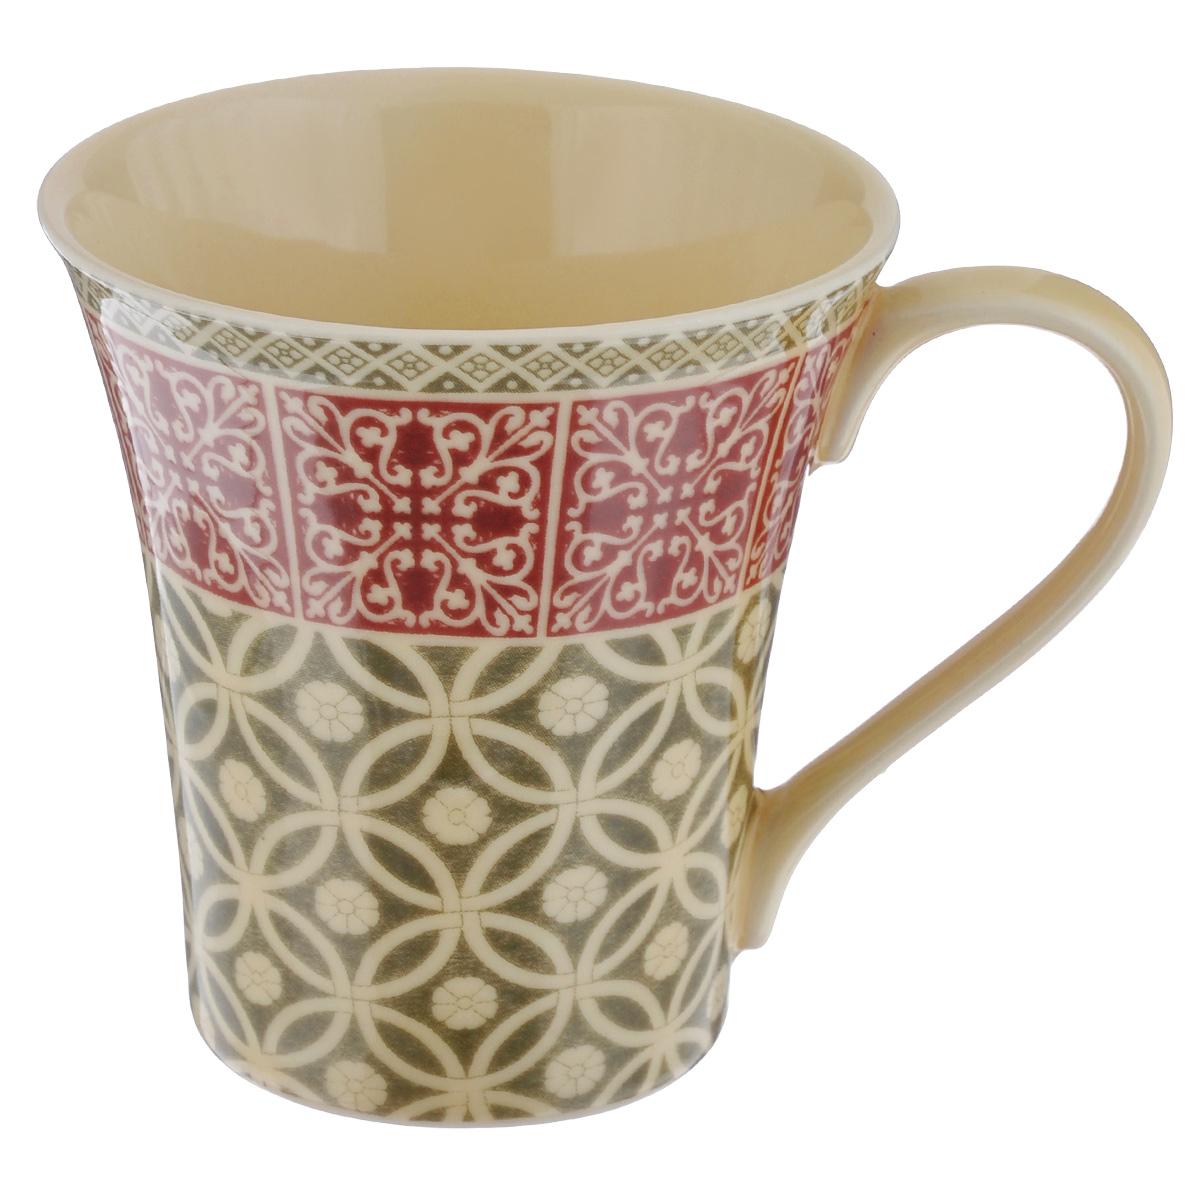 Кружка Utana Альгамбра, 330 млUTAH18701Кружка Utana Альгамбра, выполненная из высококачественной керамики, декорирована орнаментом. Изделие оснащено удобной ручкой. Кружка сочетает в себе оригинальный дизайн и функциональность. Благодаря такой кружке пить напитки будет еще вкуснее. Кружка Utana Альгамбра согреет вас долгими холодными вечерами. Можно использовать в посудомоечной машине и микроволновой печи. Объем: 330 мл. Диаметр (по верхнему краю): 9 см. Высота кружки: 10,5 см.